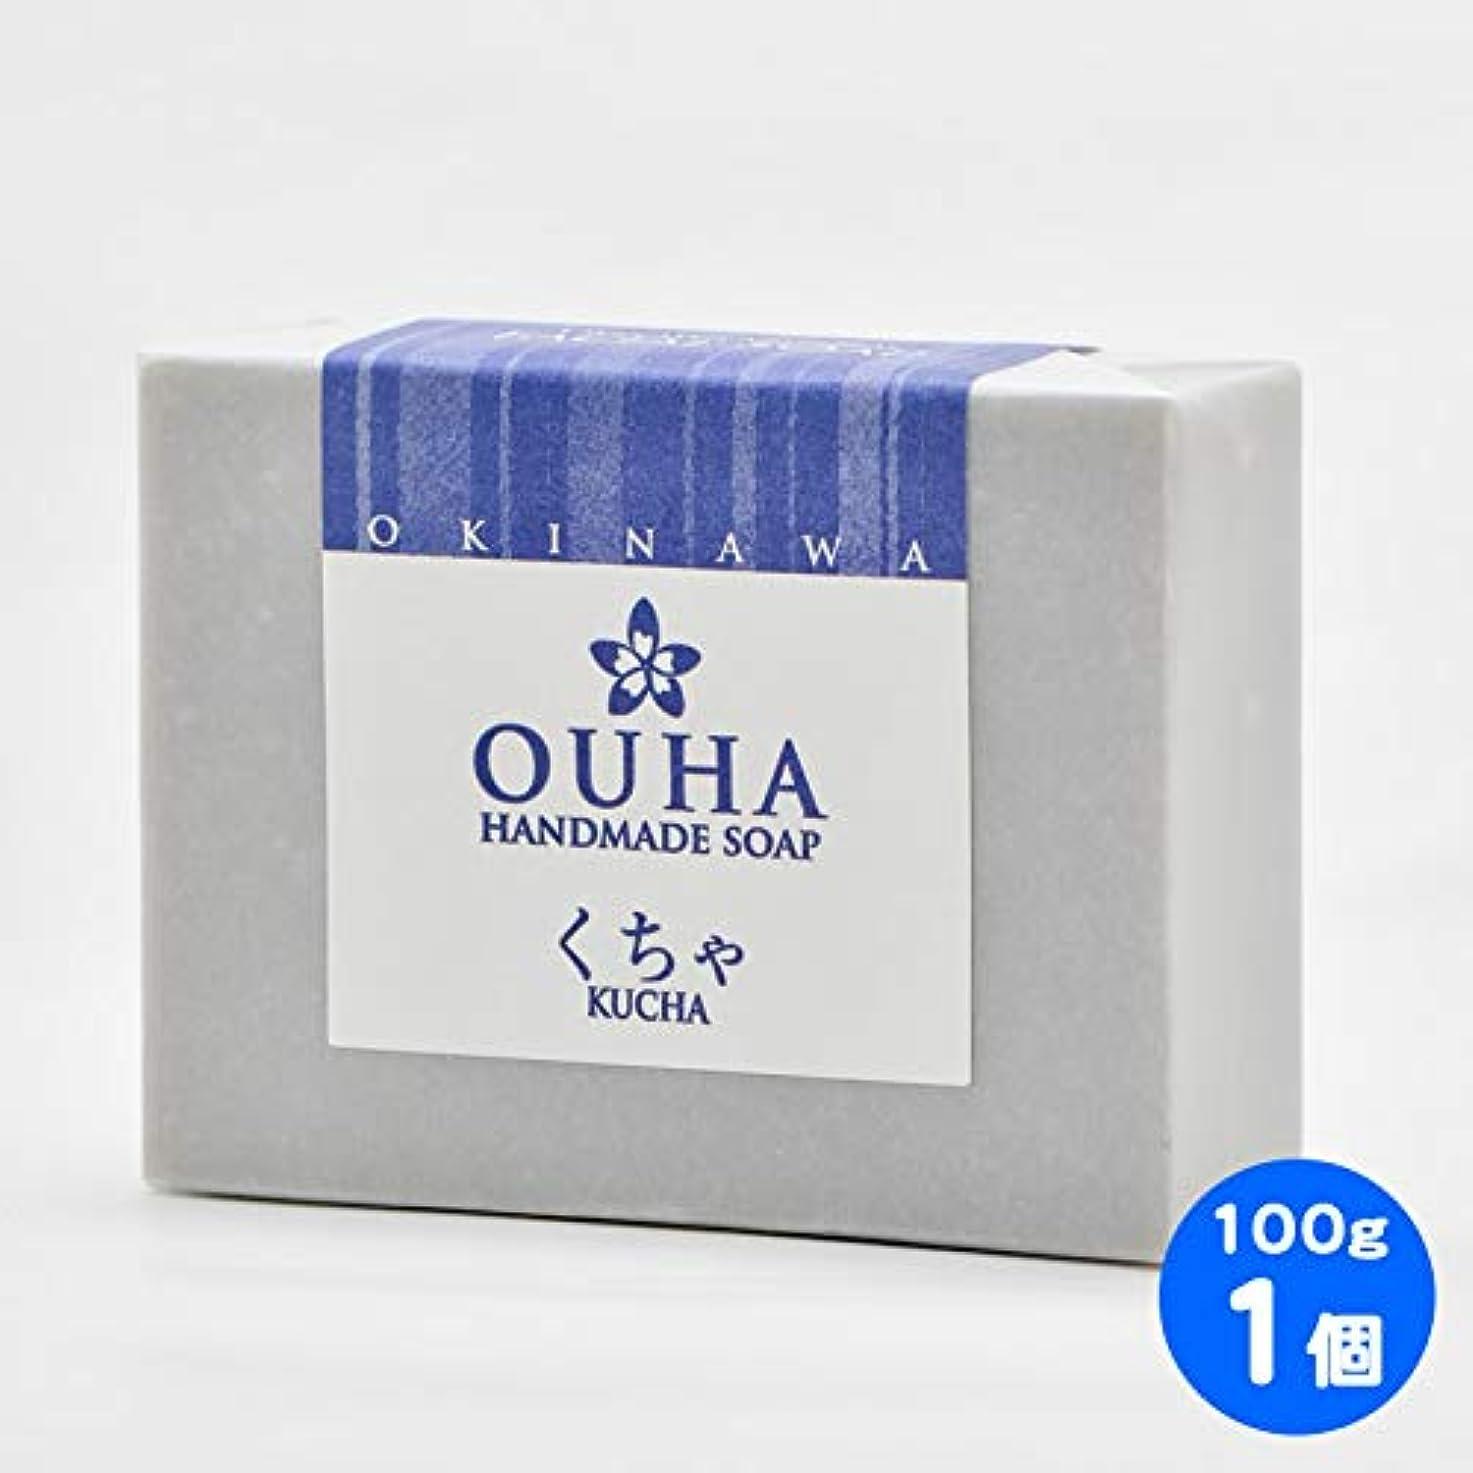 皿蒸留するビット【送料無料 定形外郵便】沖縄県産 OUHAソープ くちゃ 石鹸 100g 1個